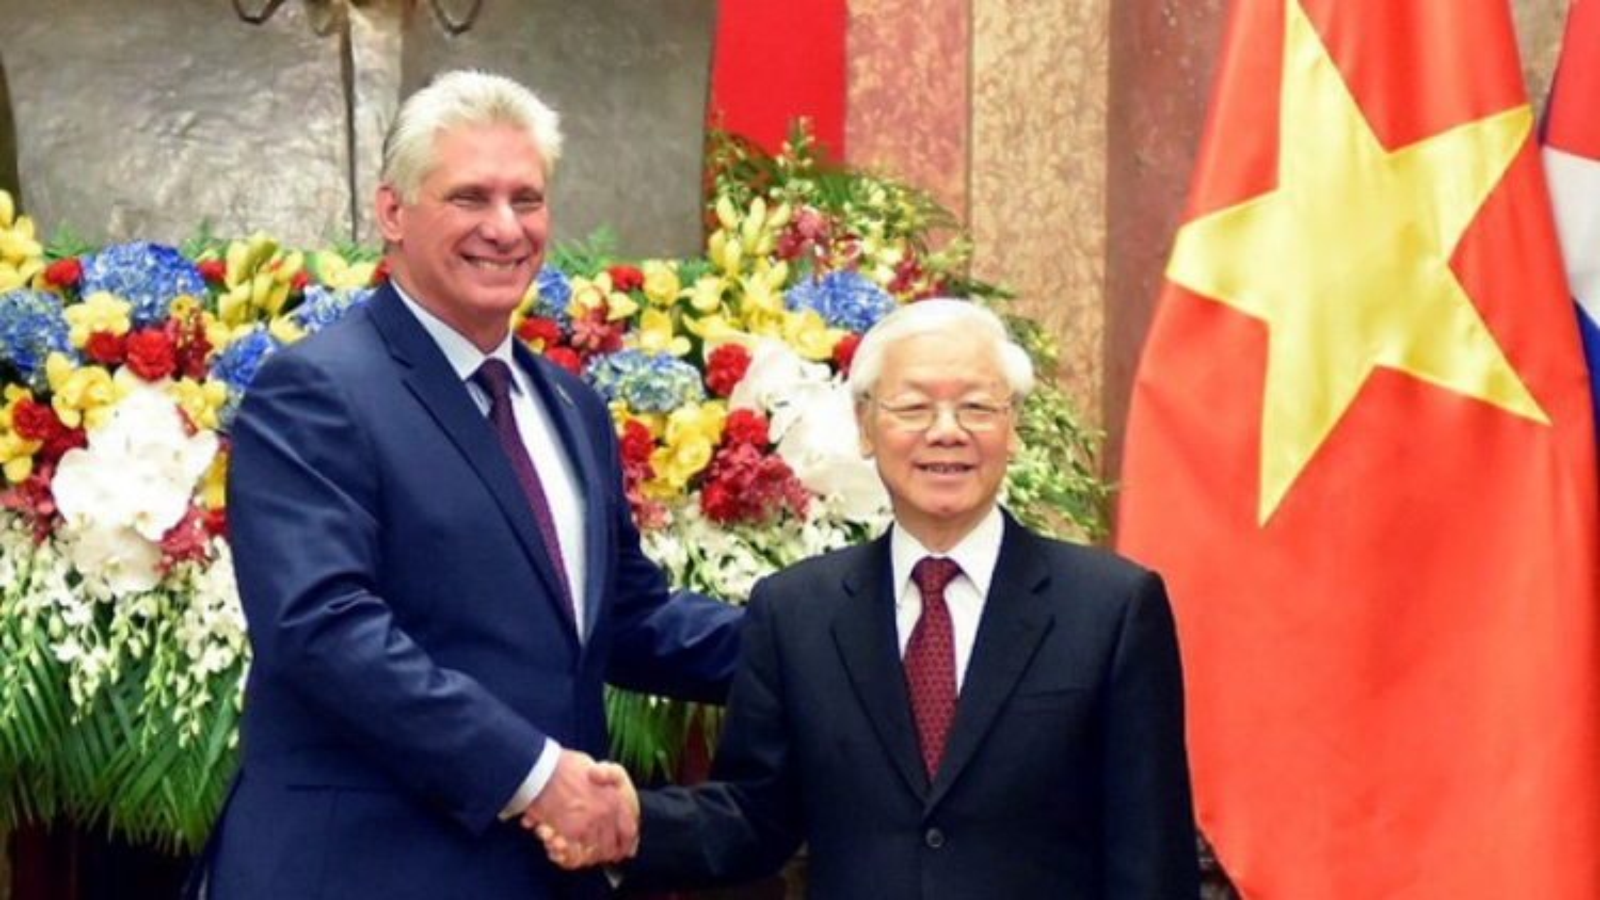 Tổng Bí thư Nguyễn Phú Trọng chúc mừng Bí thư thứ nhất Đảng Cộng sản Cuba